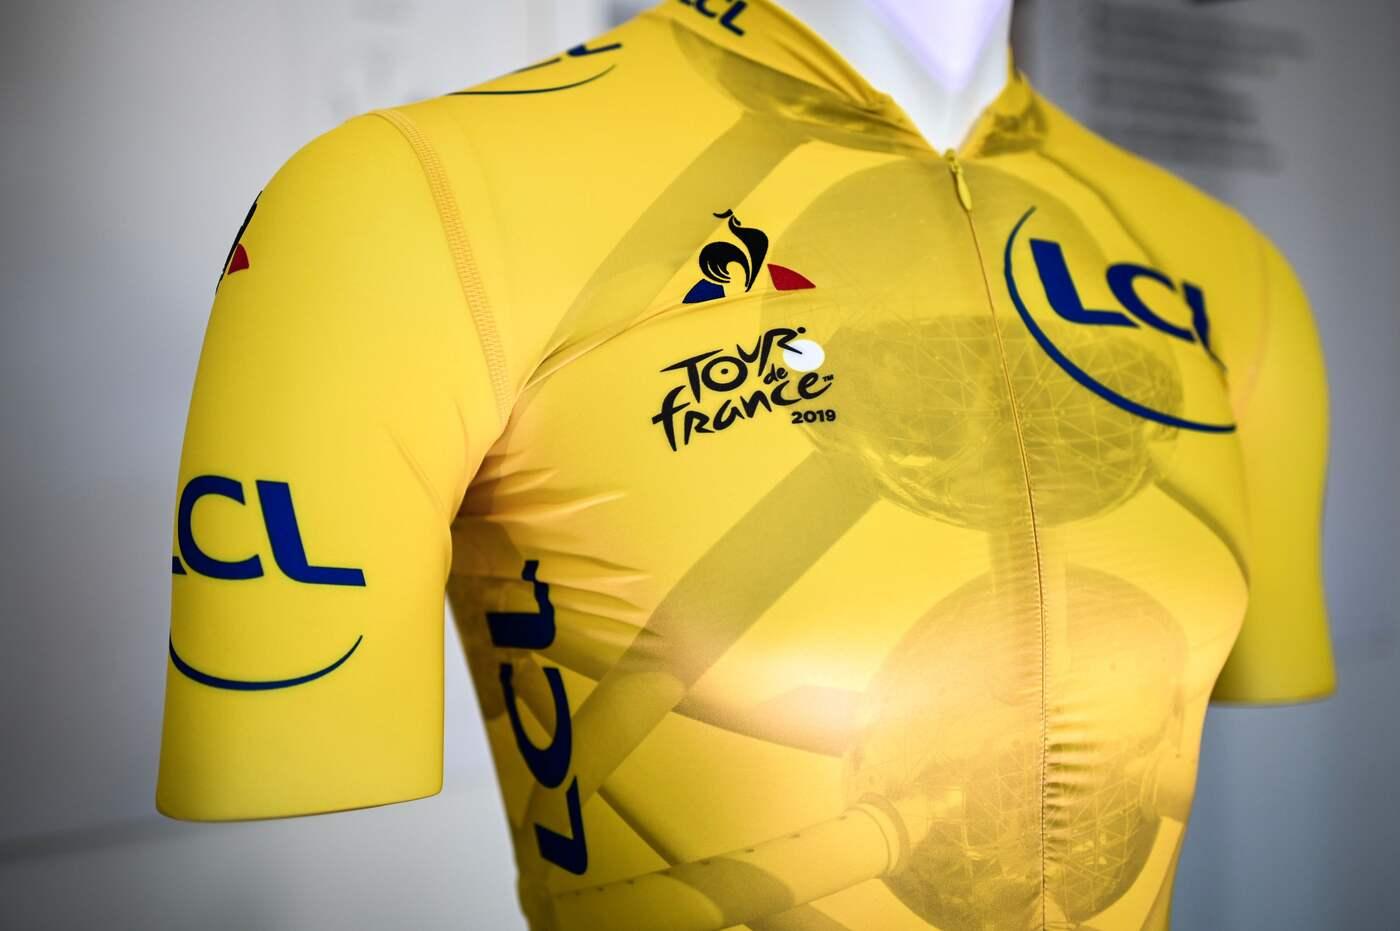 Statistiche Tour de France 2019, tutti i dati e i numeri di Opta per fare cassa! Scopri tutte le curiosità che riguardano il Tour 2019!